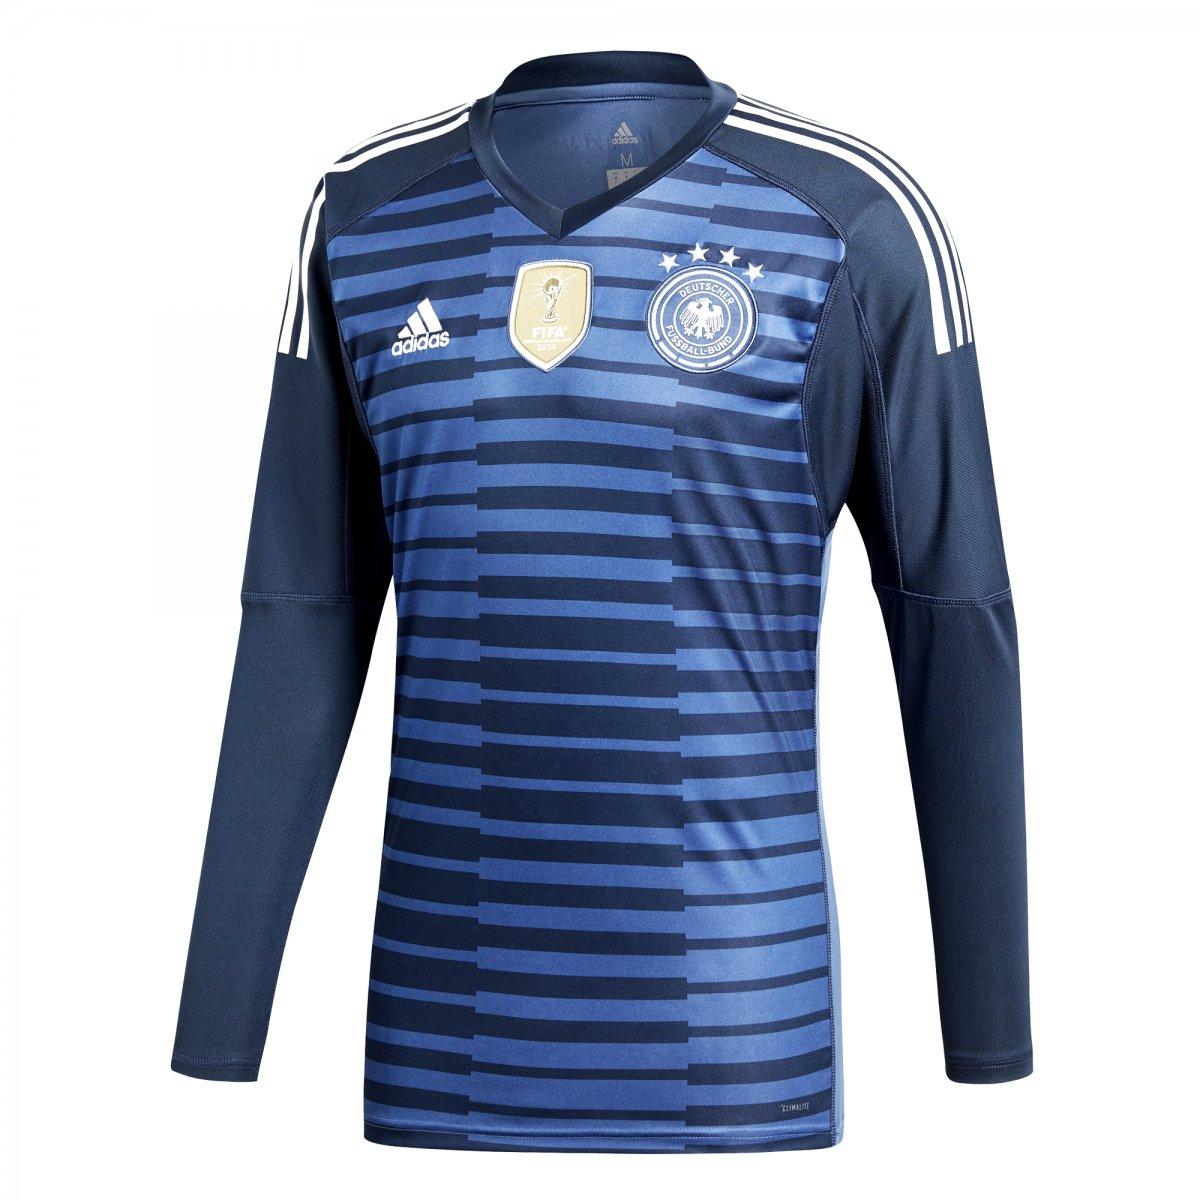 e5b45a5147 Camisa de Goleiro Adidas Alemanha 2018 BR7831 - Azul - Calçados ...